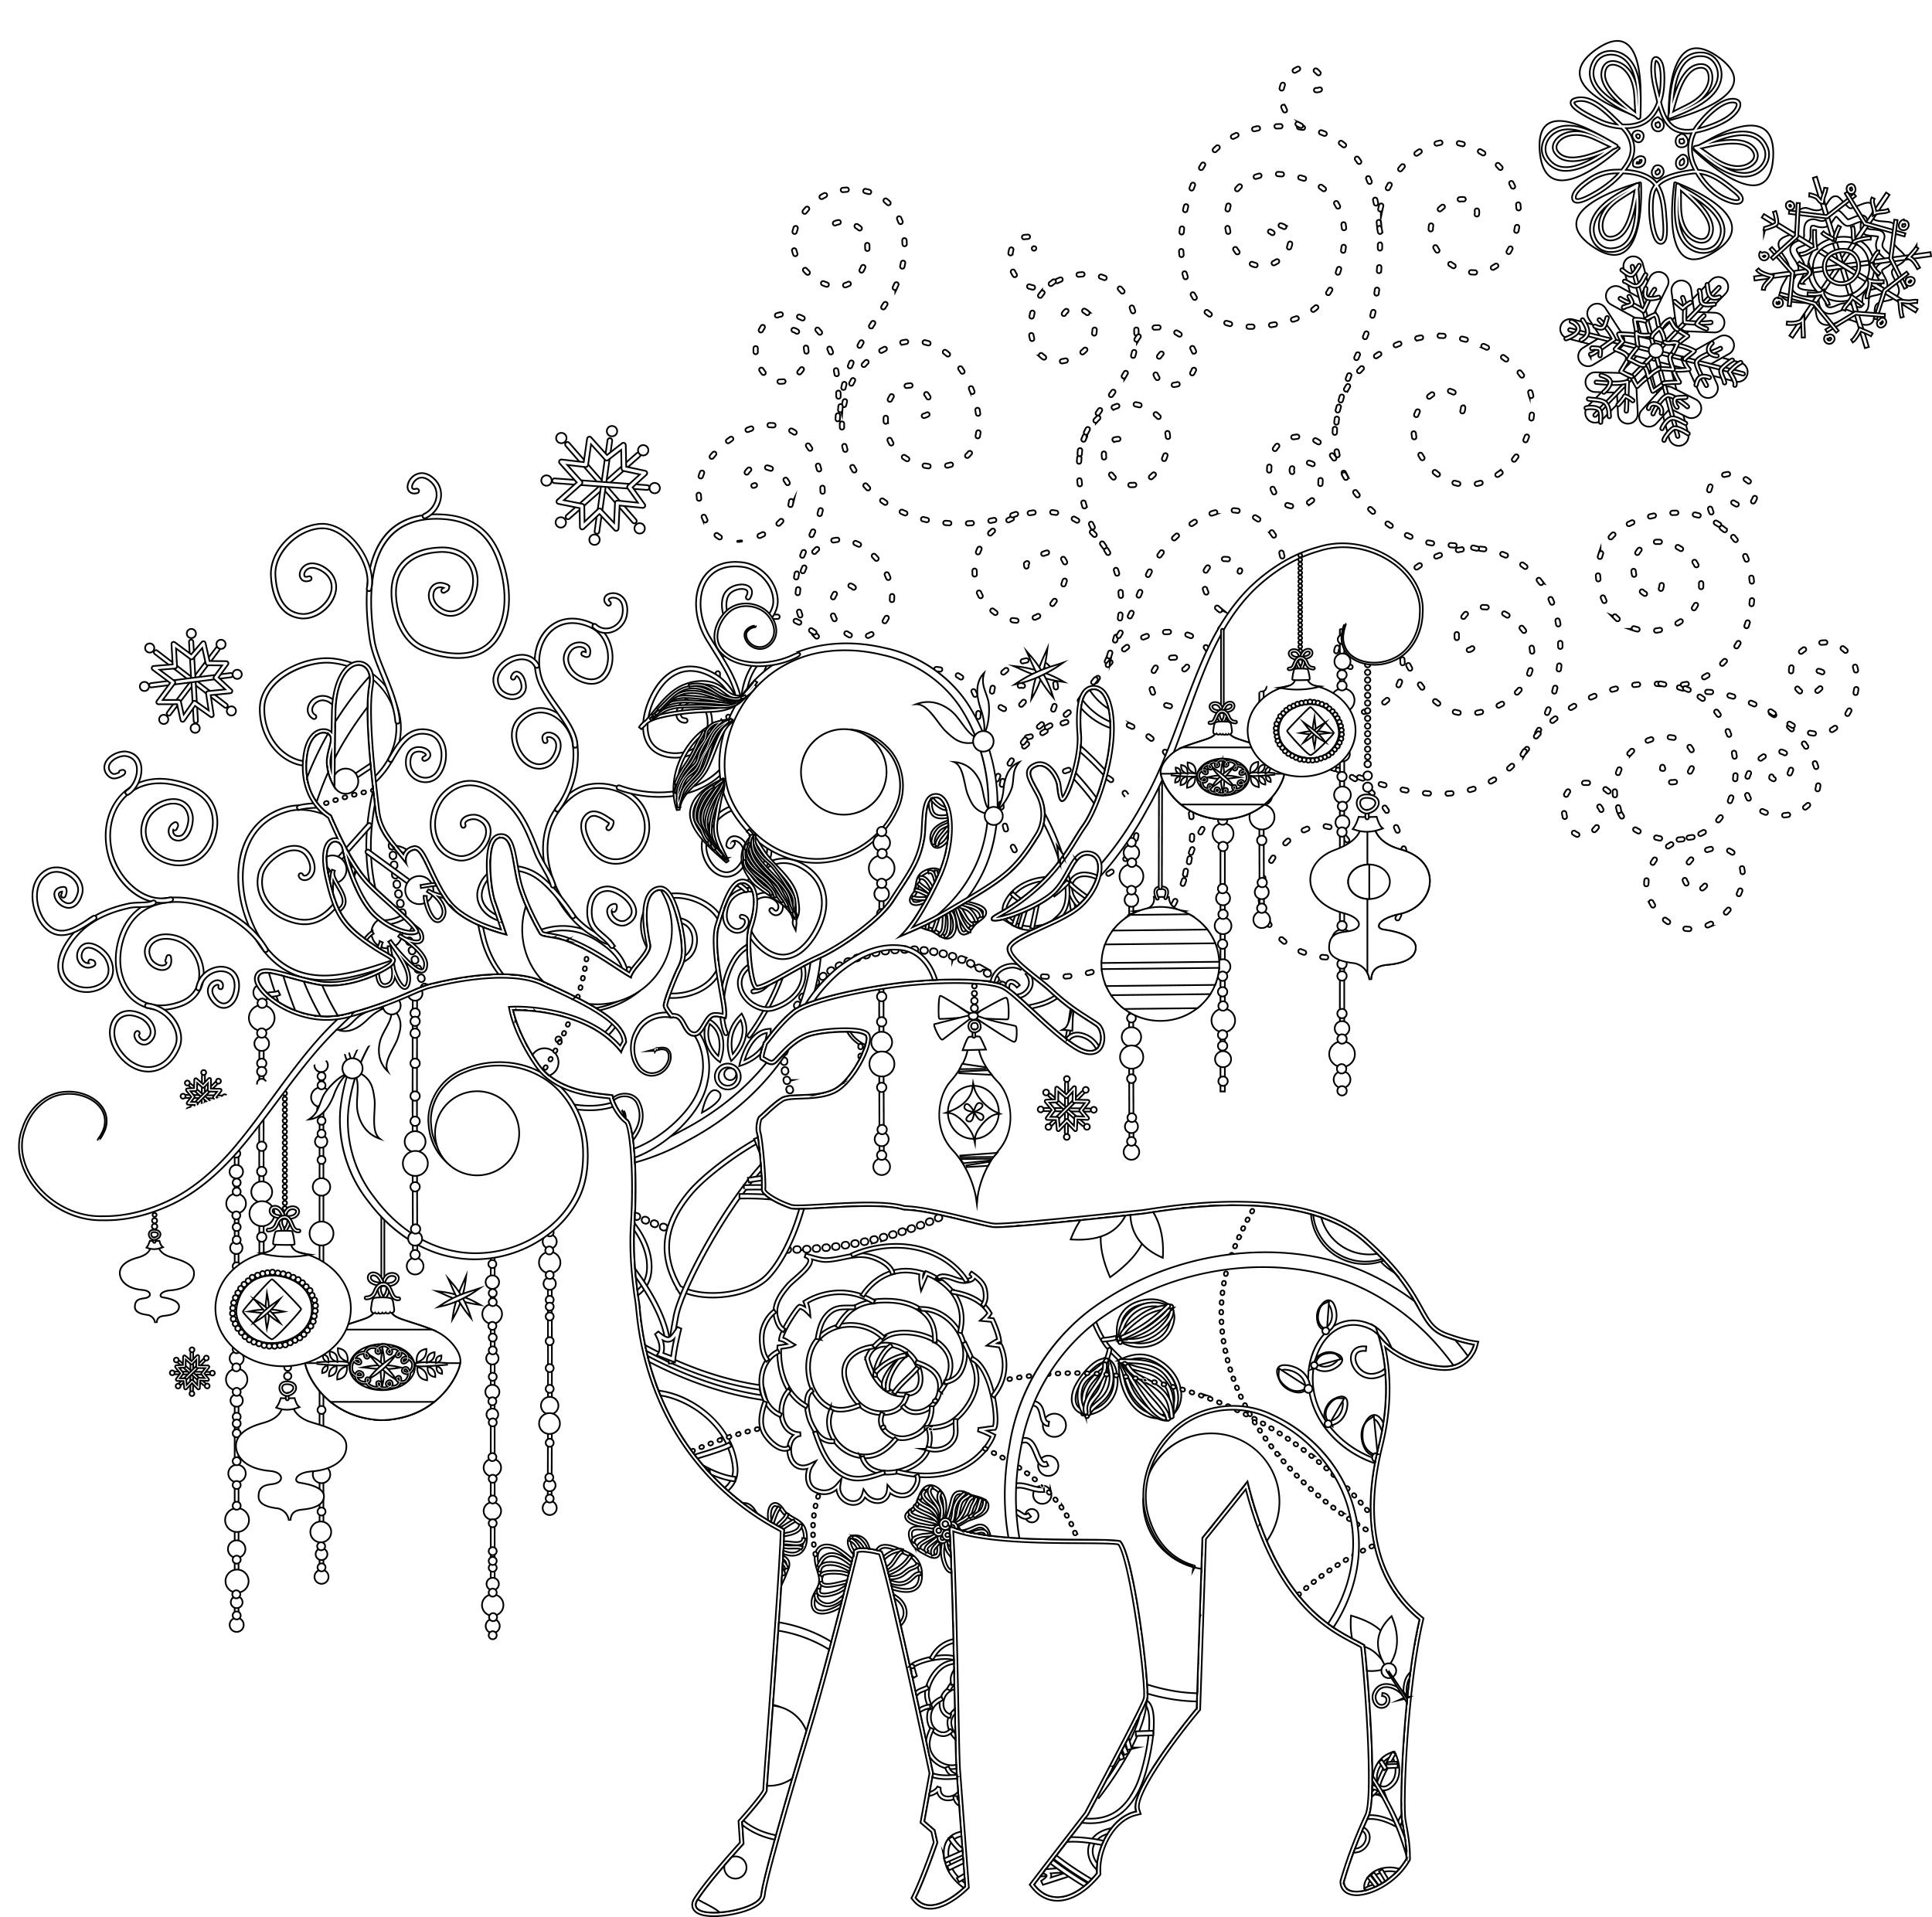 Art Thérapie Animaux Dessin A Imprimer De Noel Gratuit destiné Dessin A Imprimer